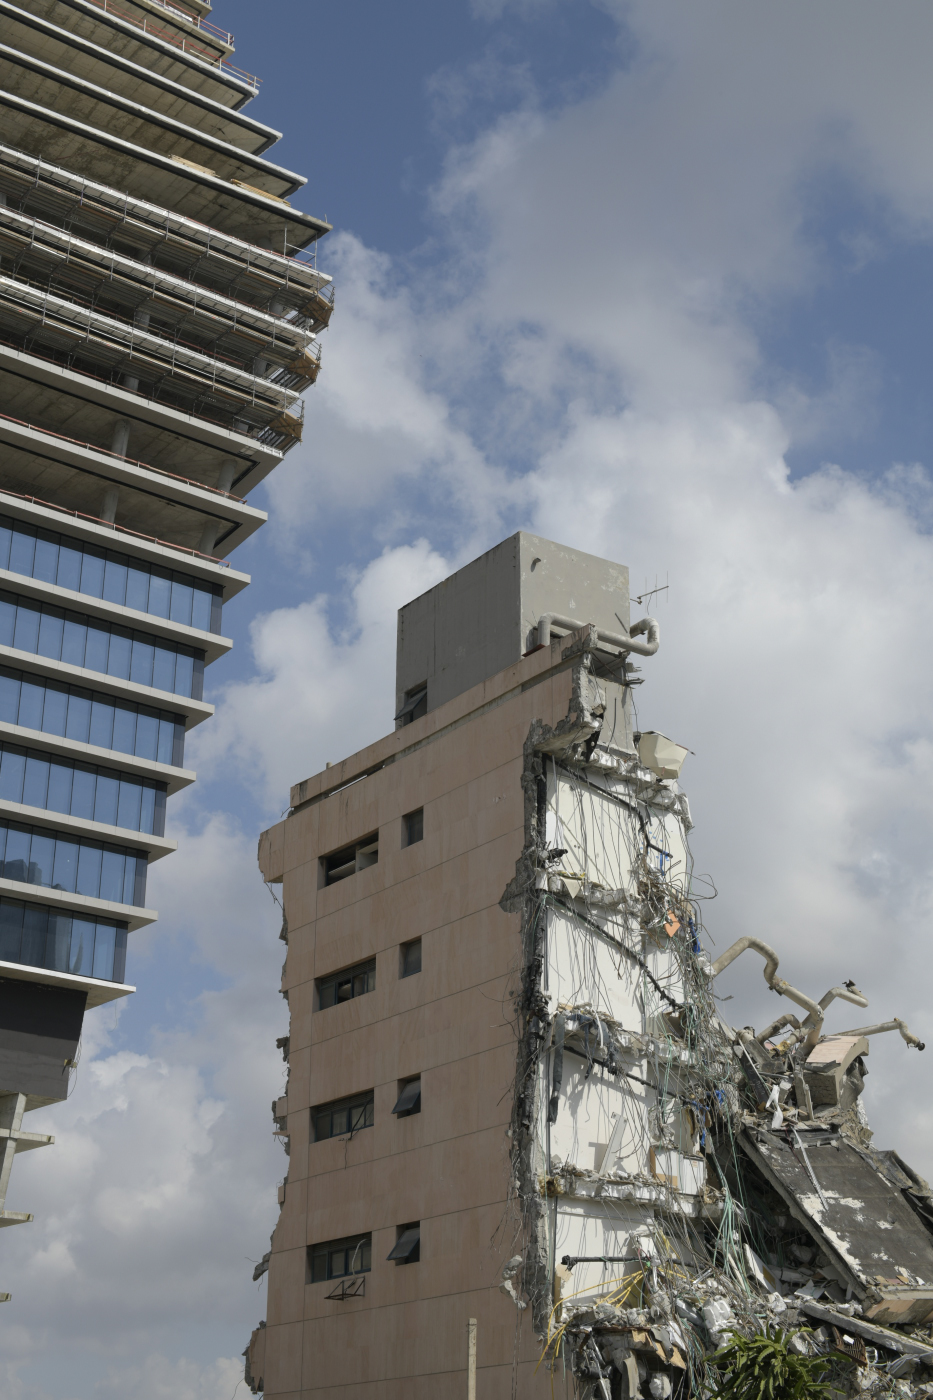 הריסות בית גזית גלוב, שנהרס כדי לפנות מקום למגדלי ToHa \ צילום: יונתן בלום